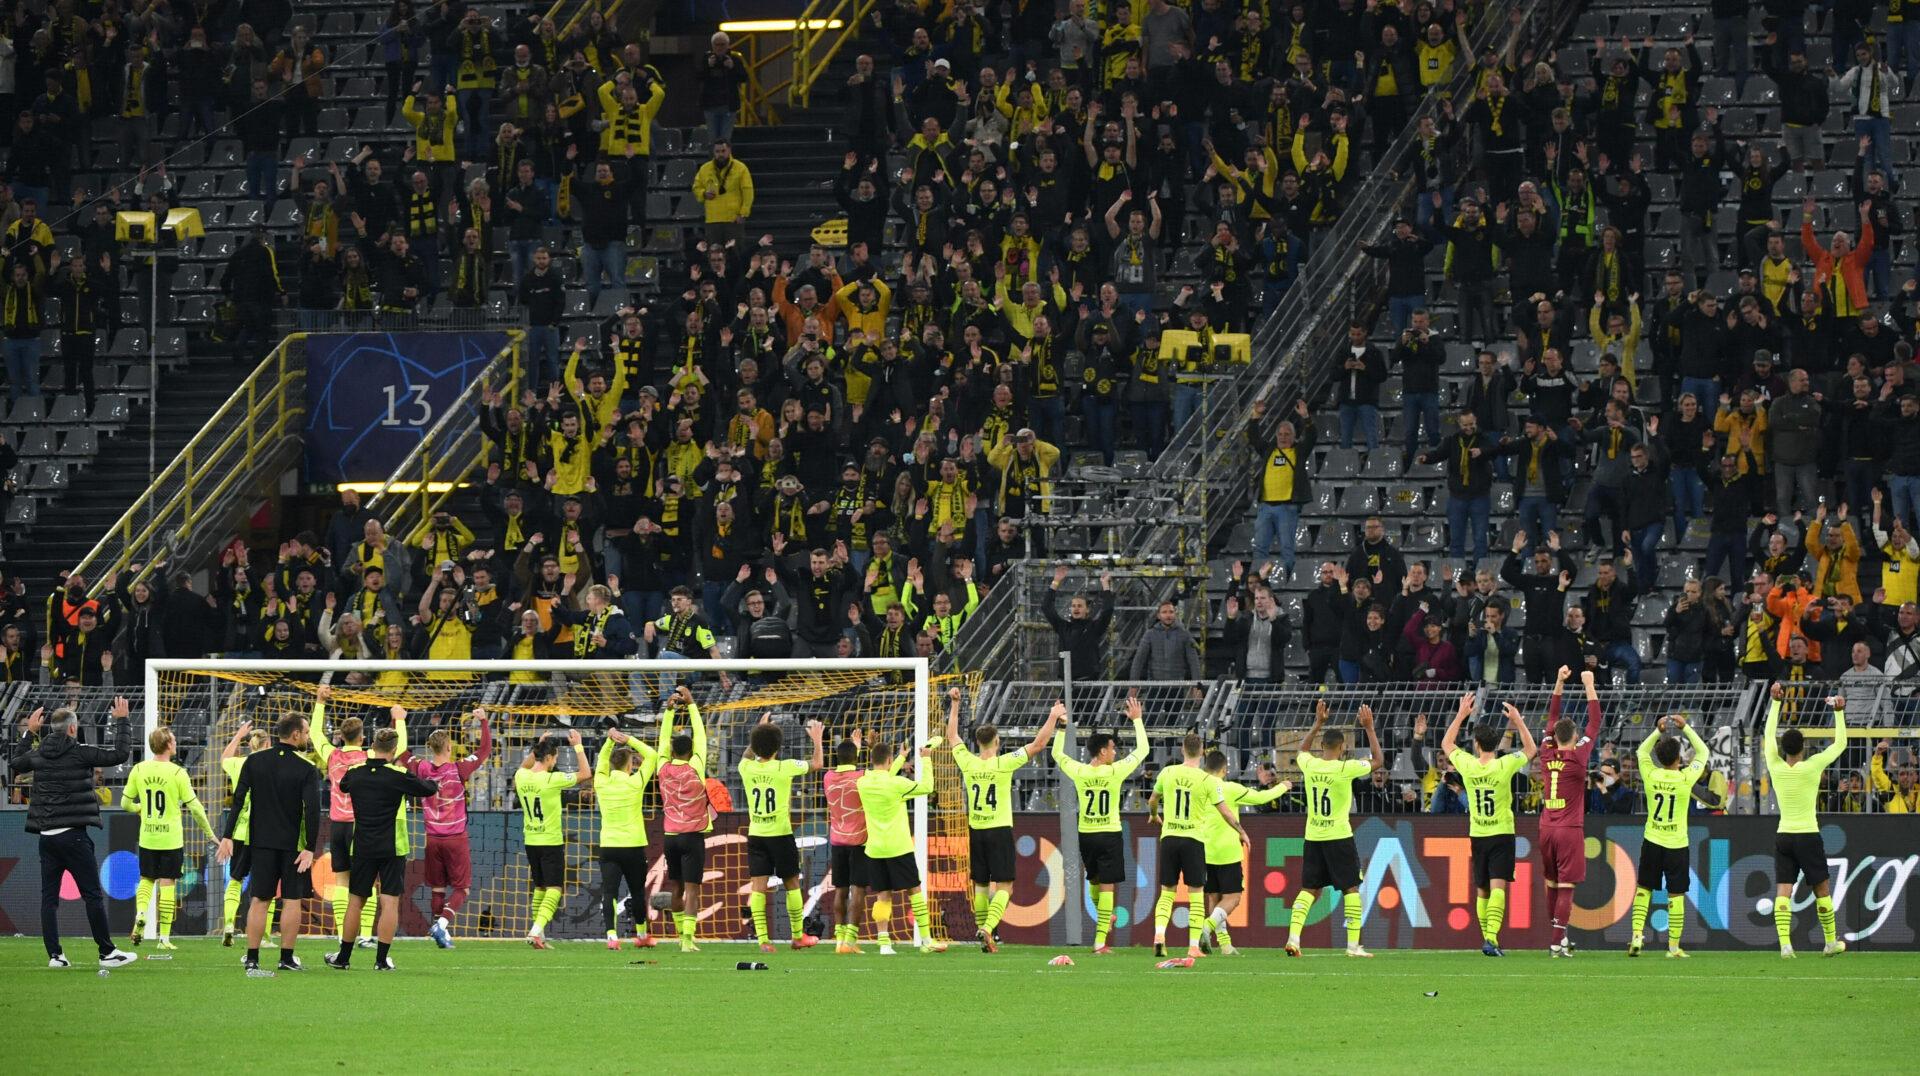 Spieler und Fans von Borussia Dortmund feiern gemeinsam den Sieg über Sporting.